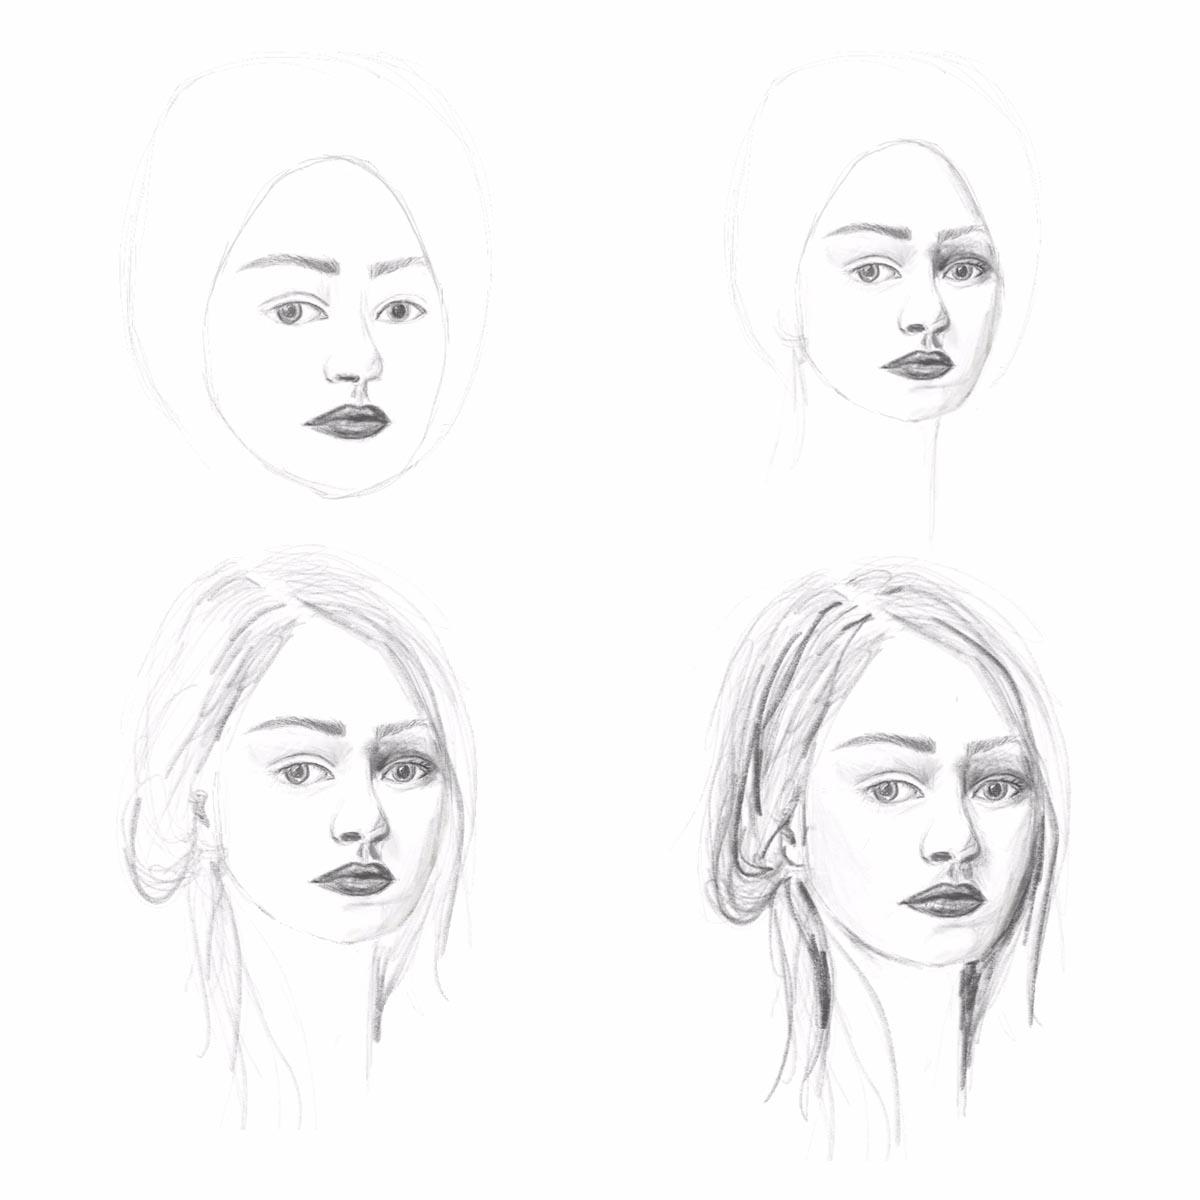 In 5 Schritten Gesichter Zeichnen Lernen | Hermine On Walk ganzes Gesicht Zeichnen Anleitung